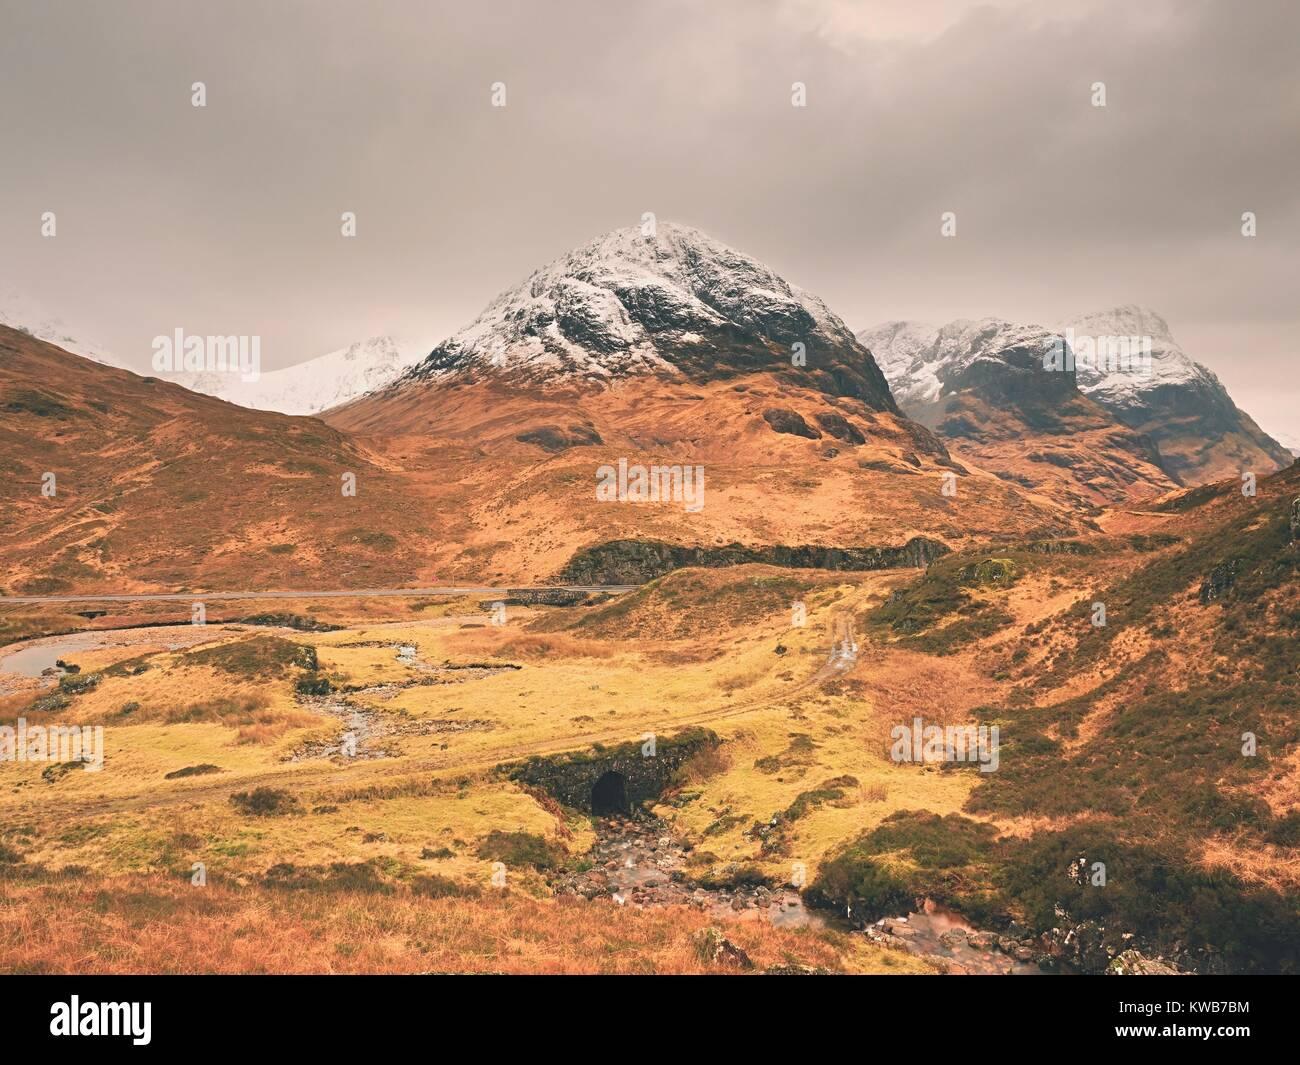 El rough arroyo de montaña en las montañas. Cono nevado de montaña en las nubes. Hierba seca y arbustos Imagen De Stock